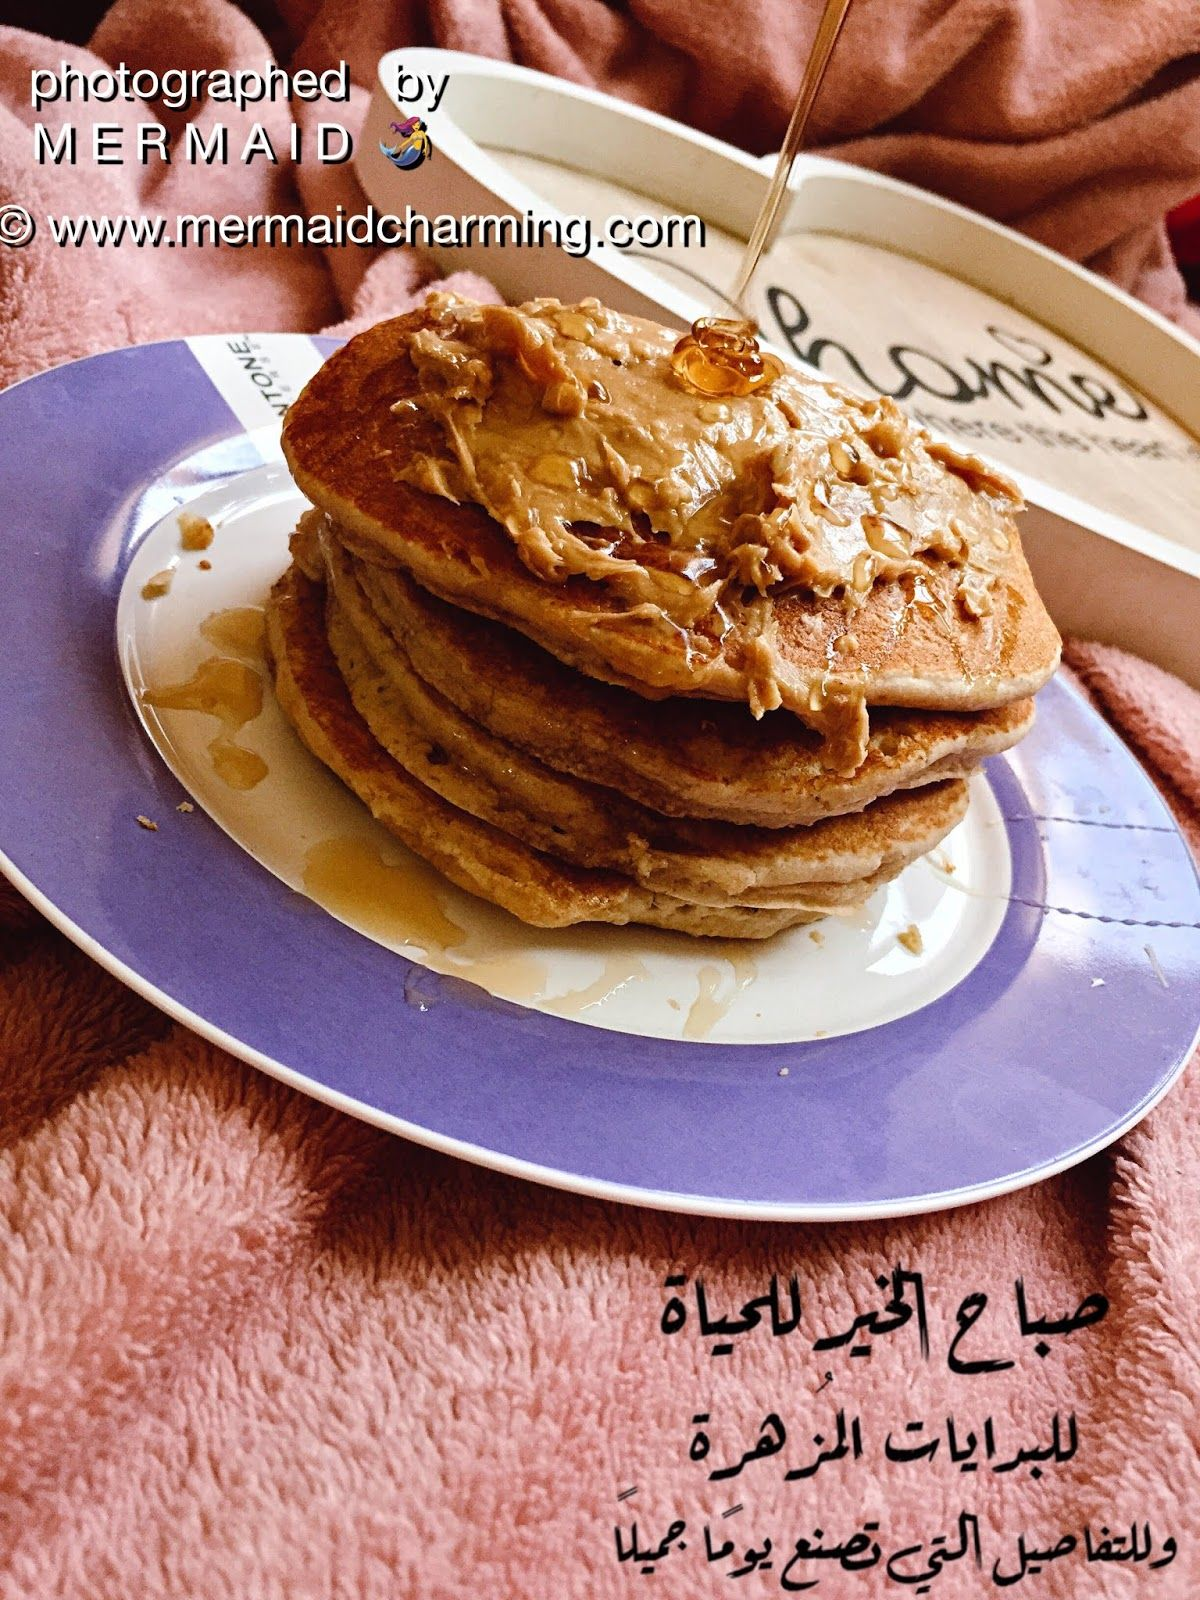 وصقة بان كيك صحى بالشوفان بطريقة سهلة و سريعهة و طعمها طيب و لذيذ Oat Pancake Healthy Breakfast Food Recipes Oat Pancakes